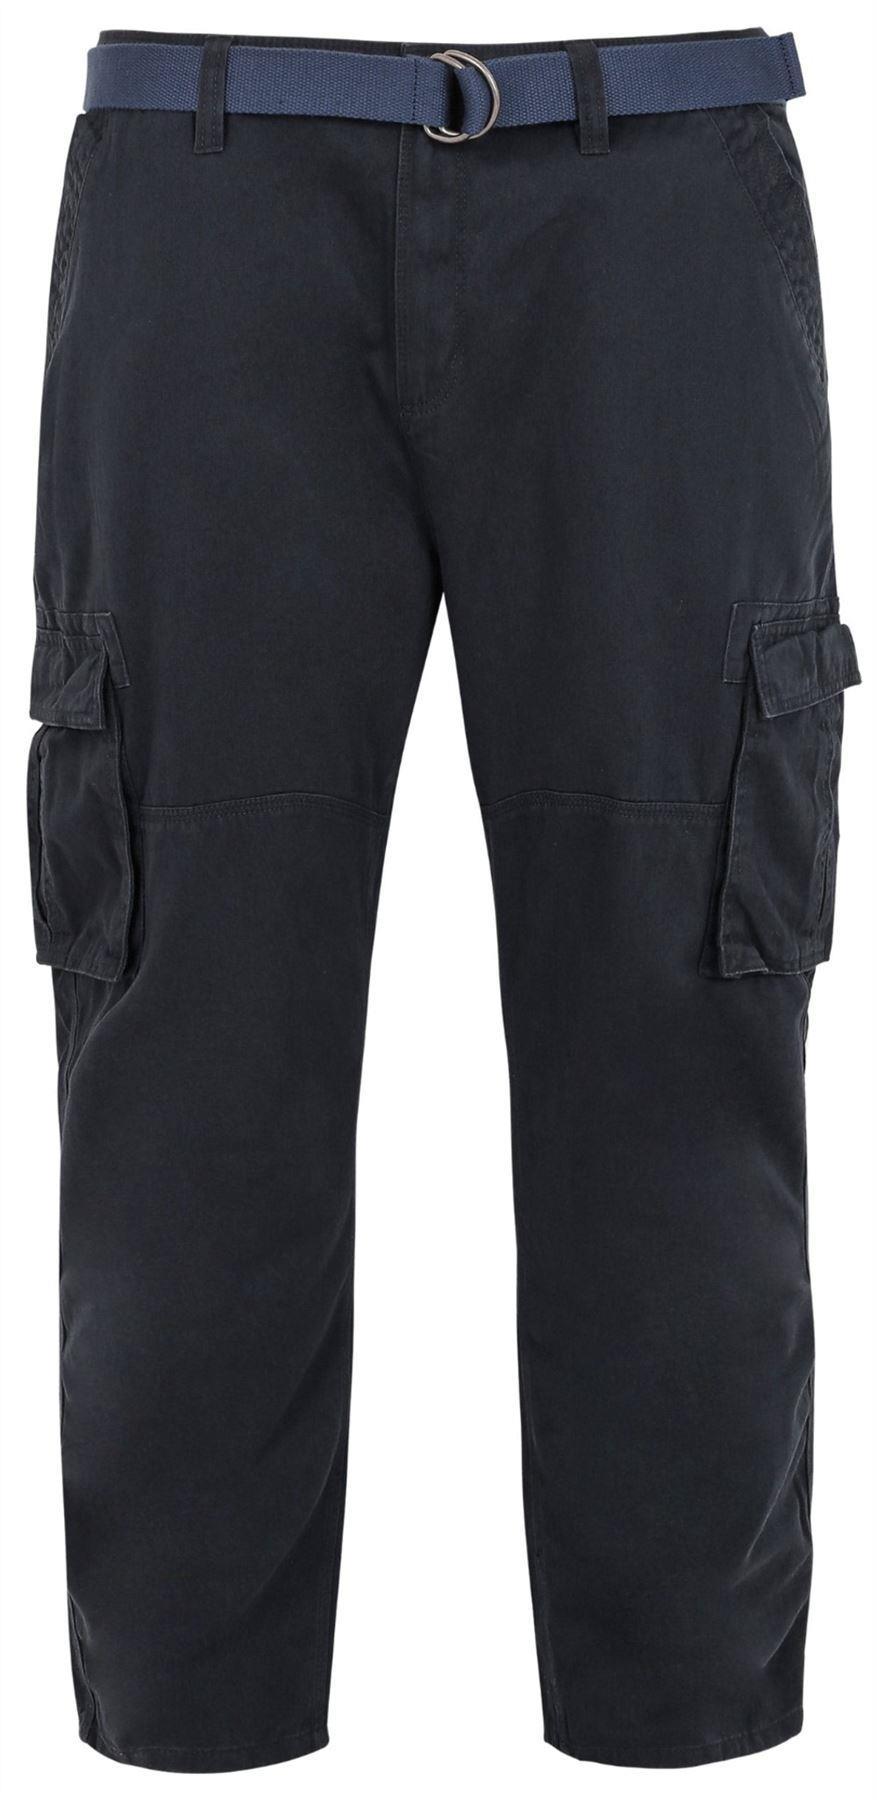 Bad Rhino Cargo Trousers - Navy|48W32L